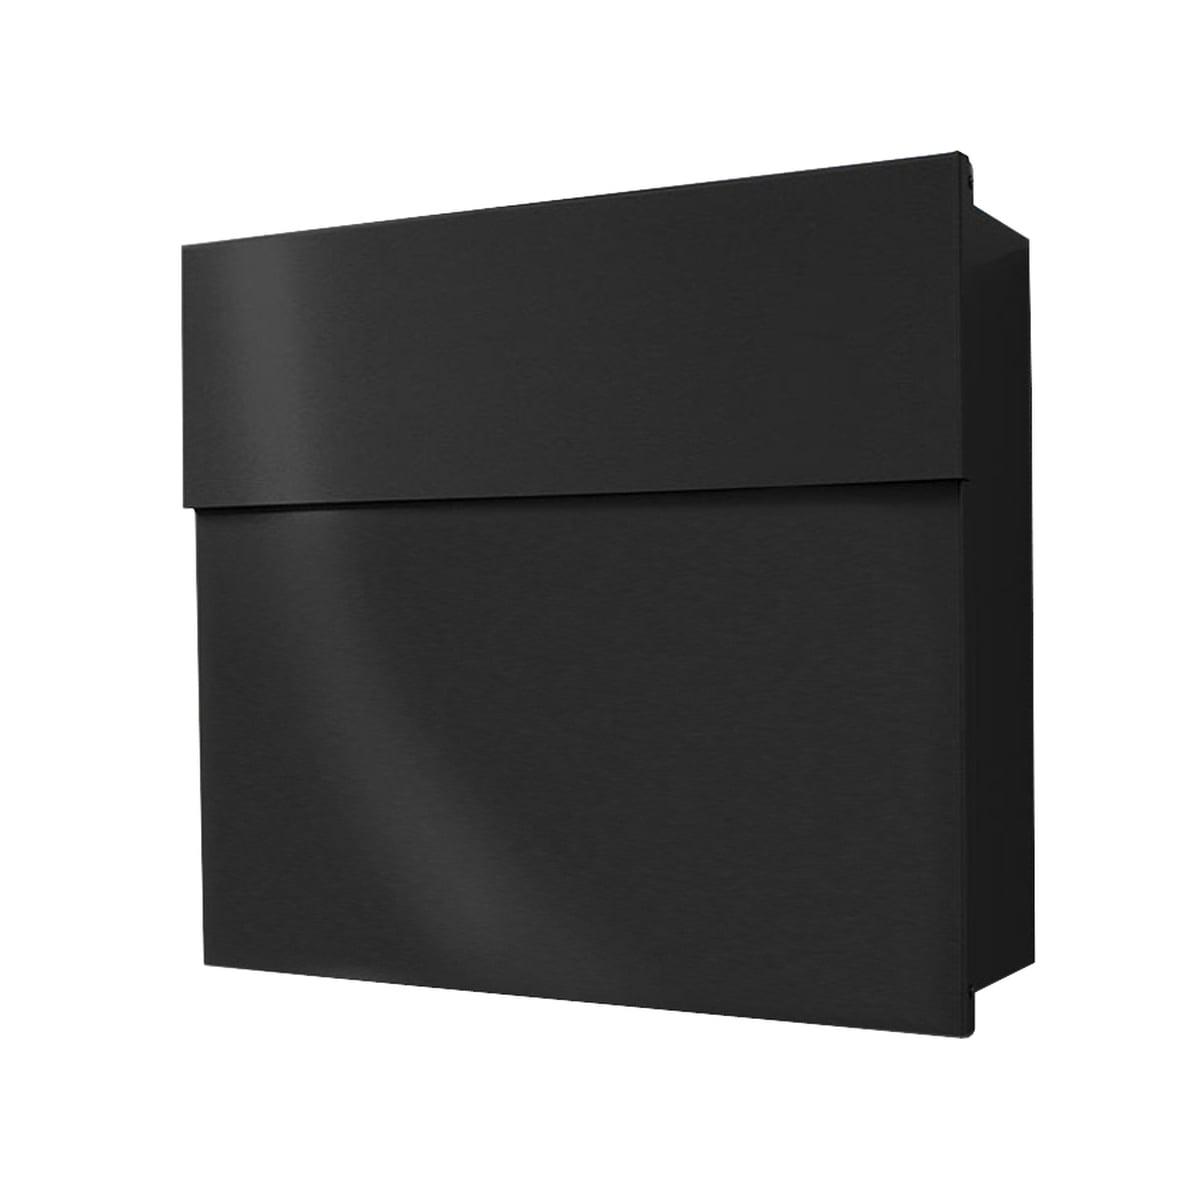 Radius Design - Briefkasten Letterman IV, schwarz | Baumarkt | Schwarz | Radius Design